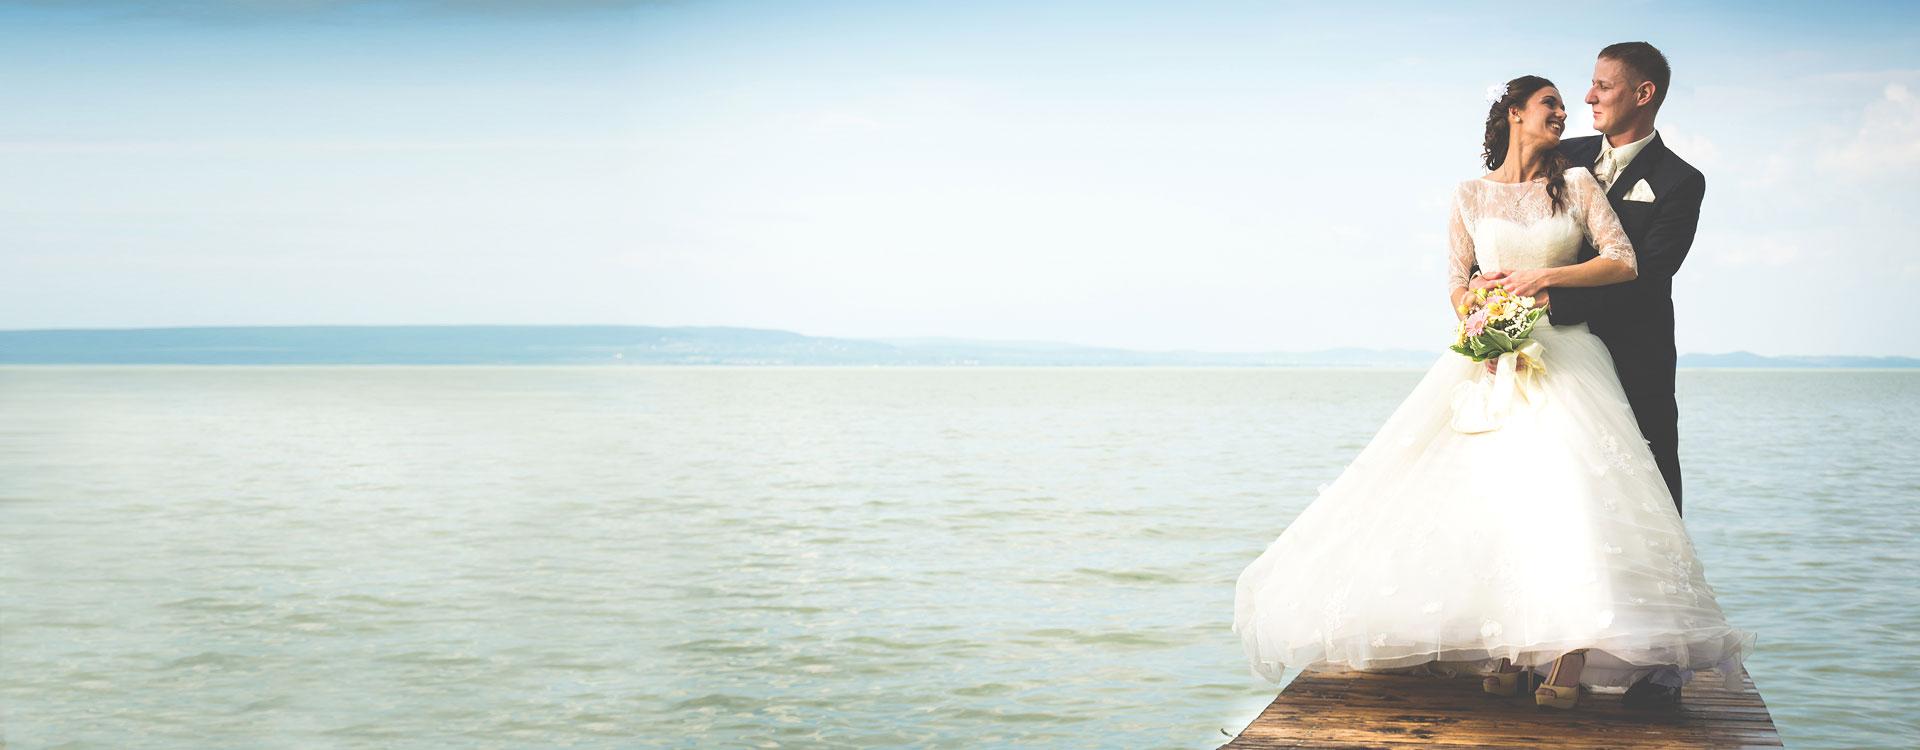 Esküvői, kreatív, beállított fotózás - Balaton